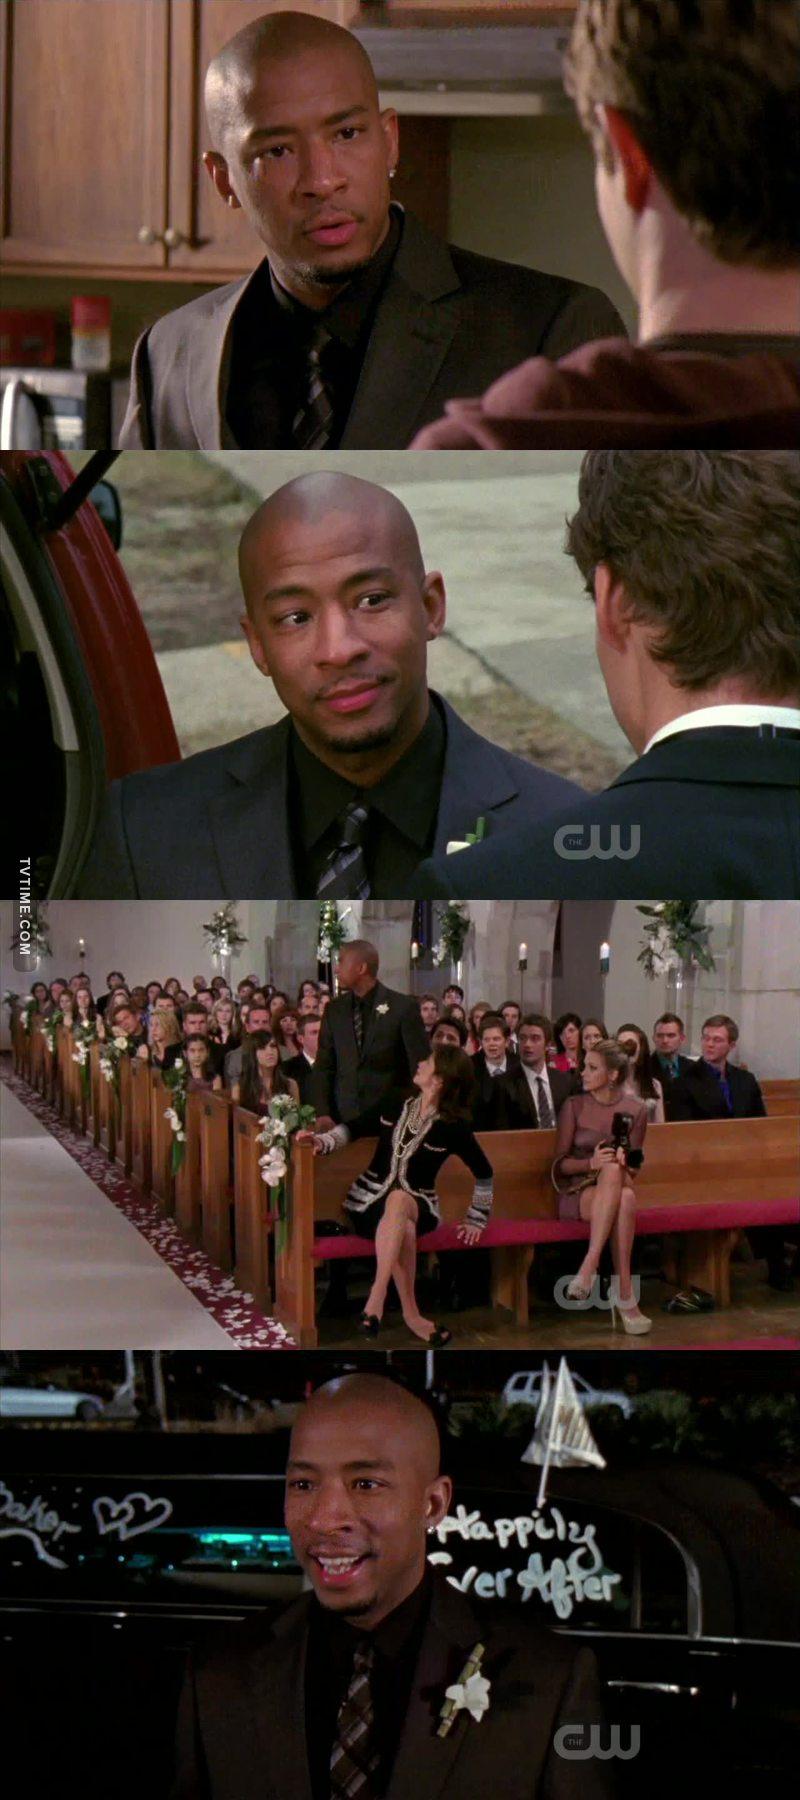 Je crois qu'il a été traumatisé par les mariages 😂😆